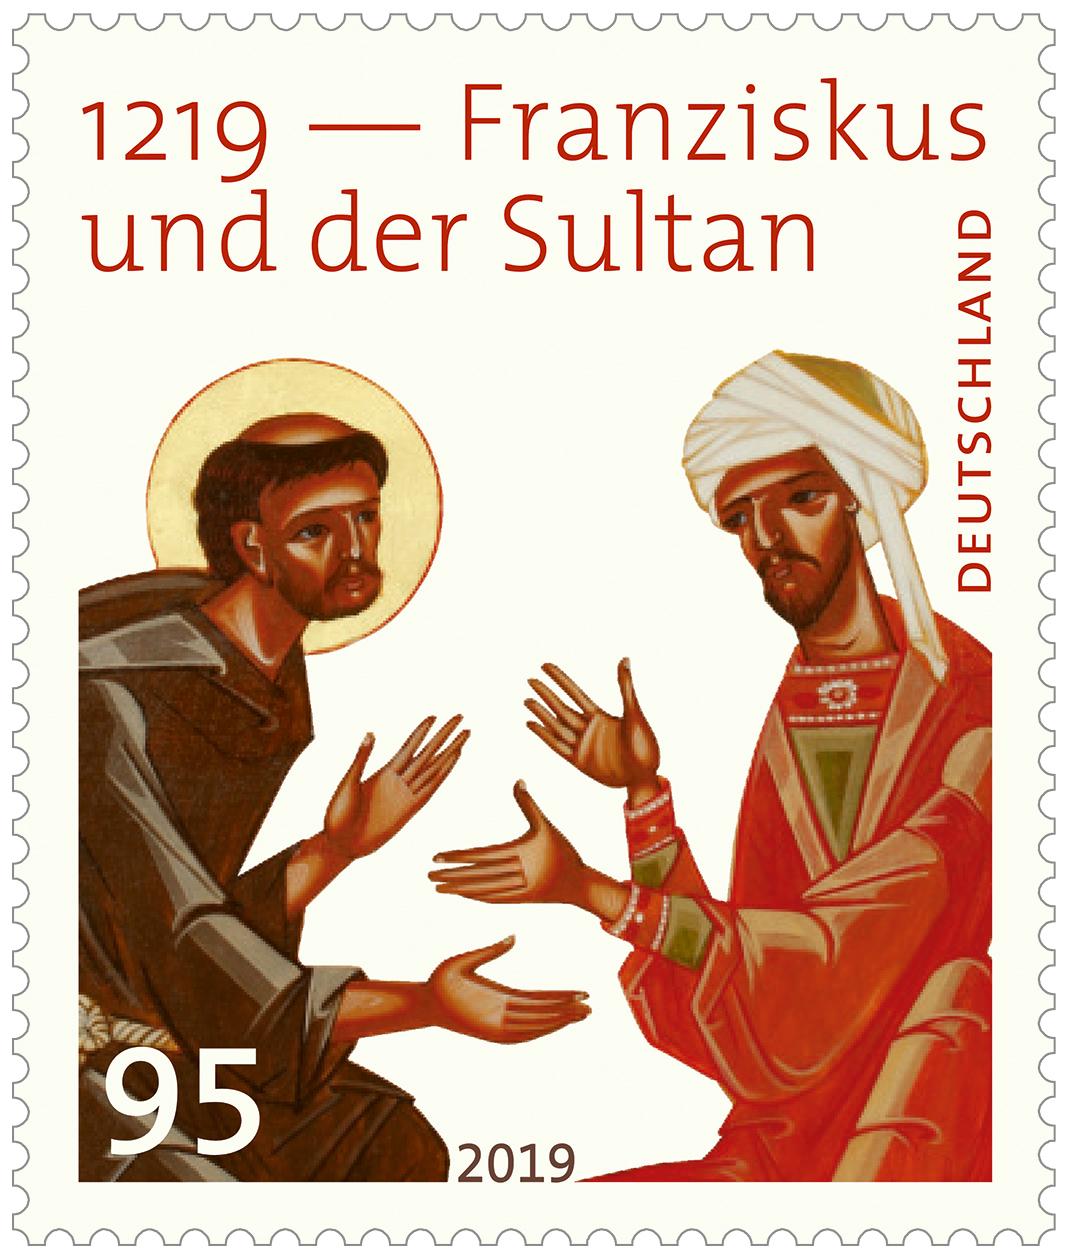 2020 01 17 aoelfb franz von assisi briefmarke sultan